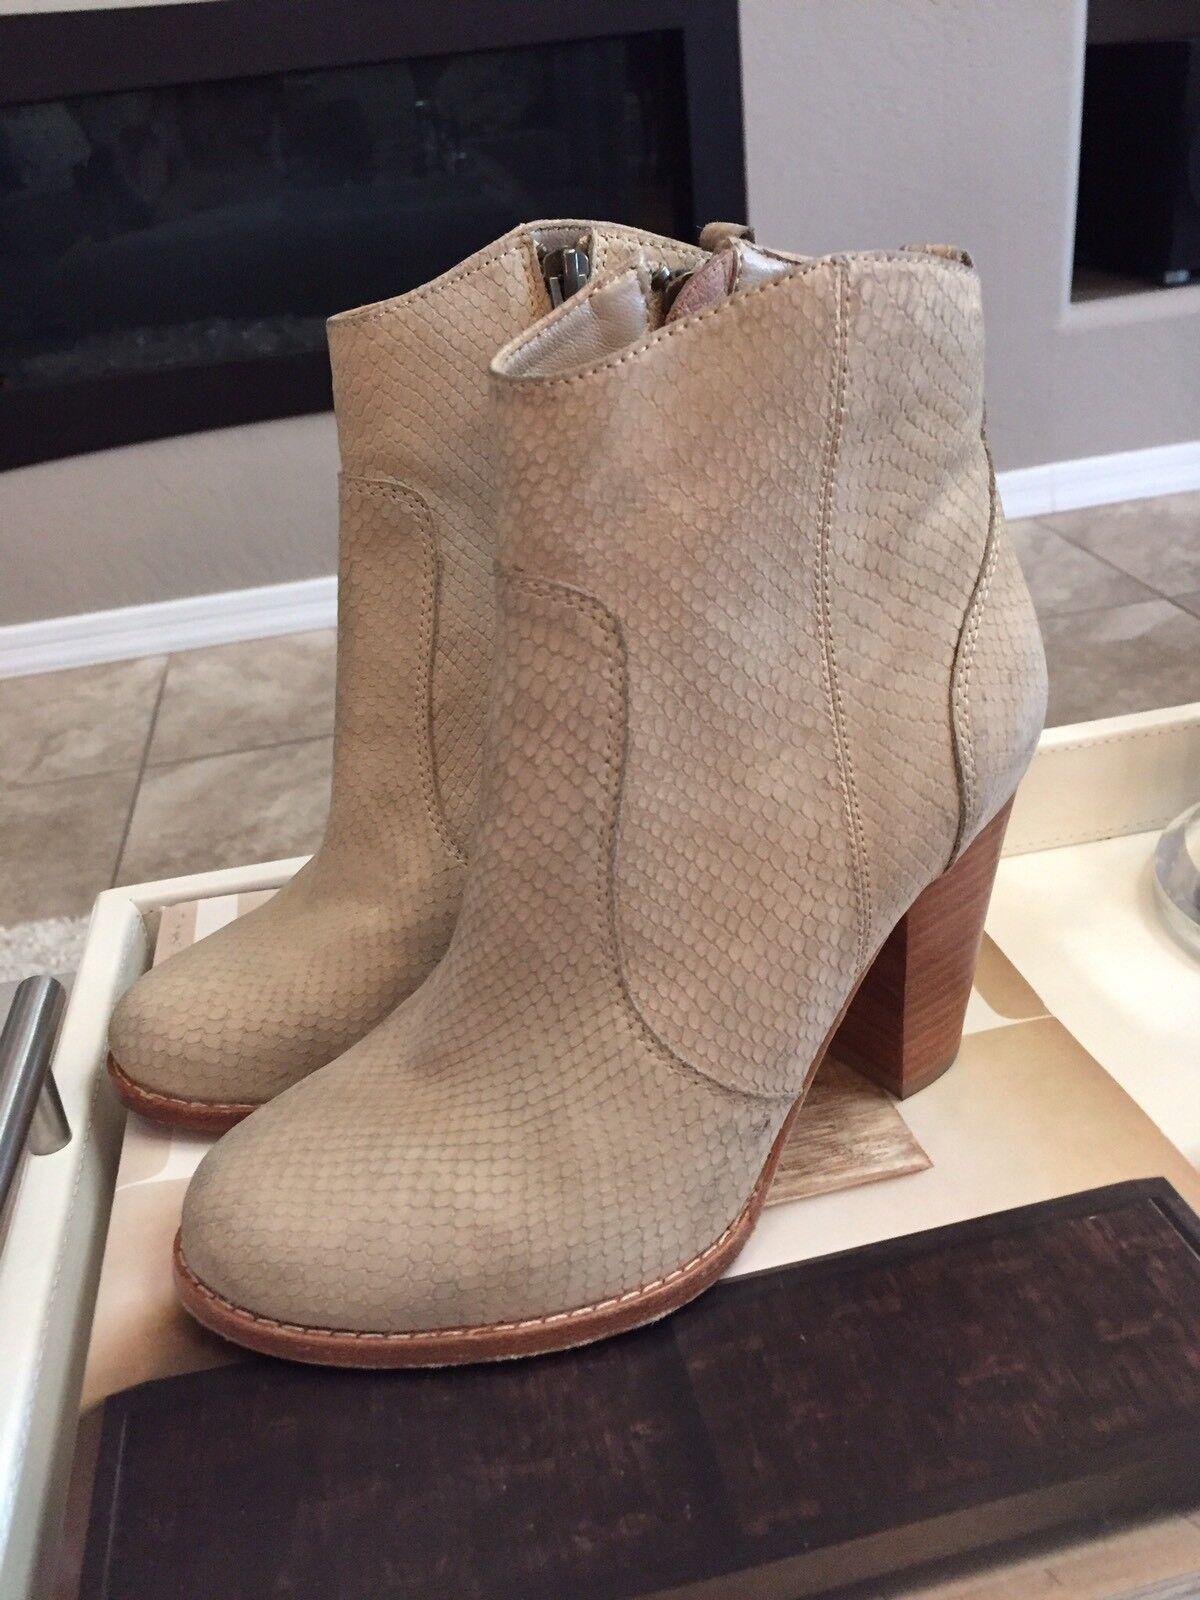 Joie Dalton Suede Ankle Boots Women's Size 36, Send Snakeskin Look